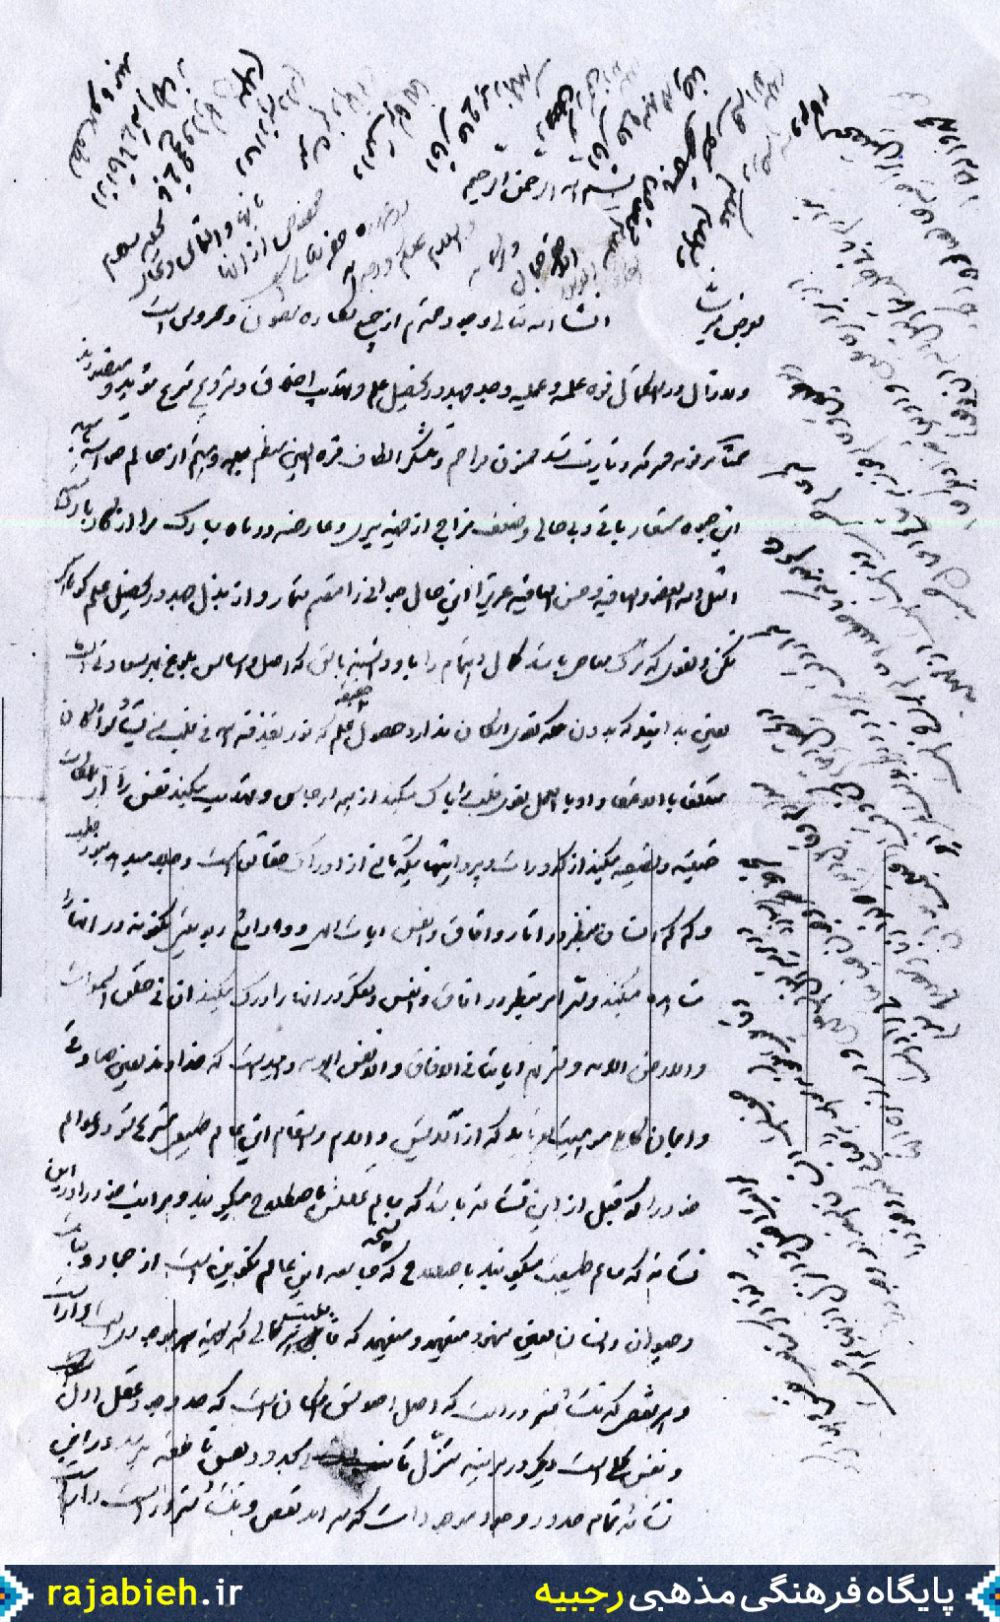 نامه آیت الله العظمی سیدجمال گلپایگانی به آیت الله صافی